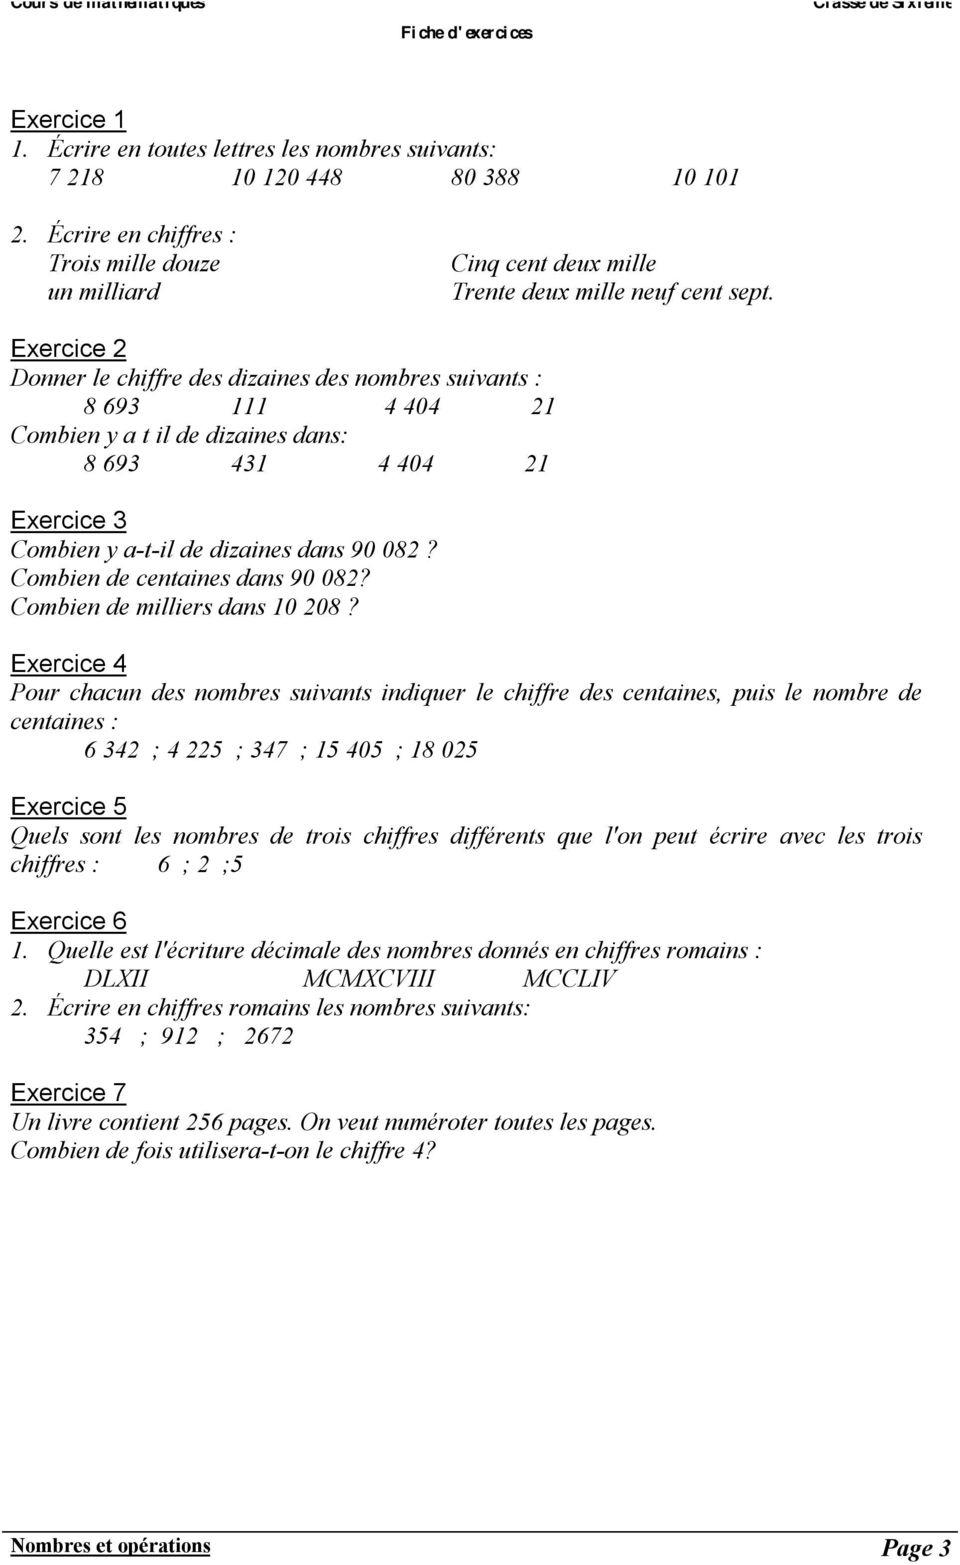 Chapitre 1 Nombres Et Operations - Pdf Téléchargement Gratuit concernant Exercice Chiffre Romain